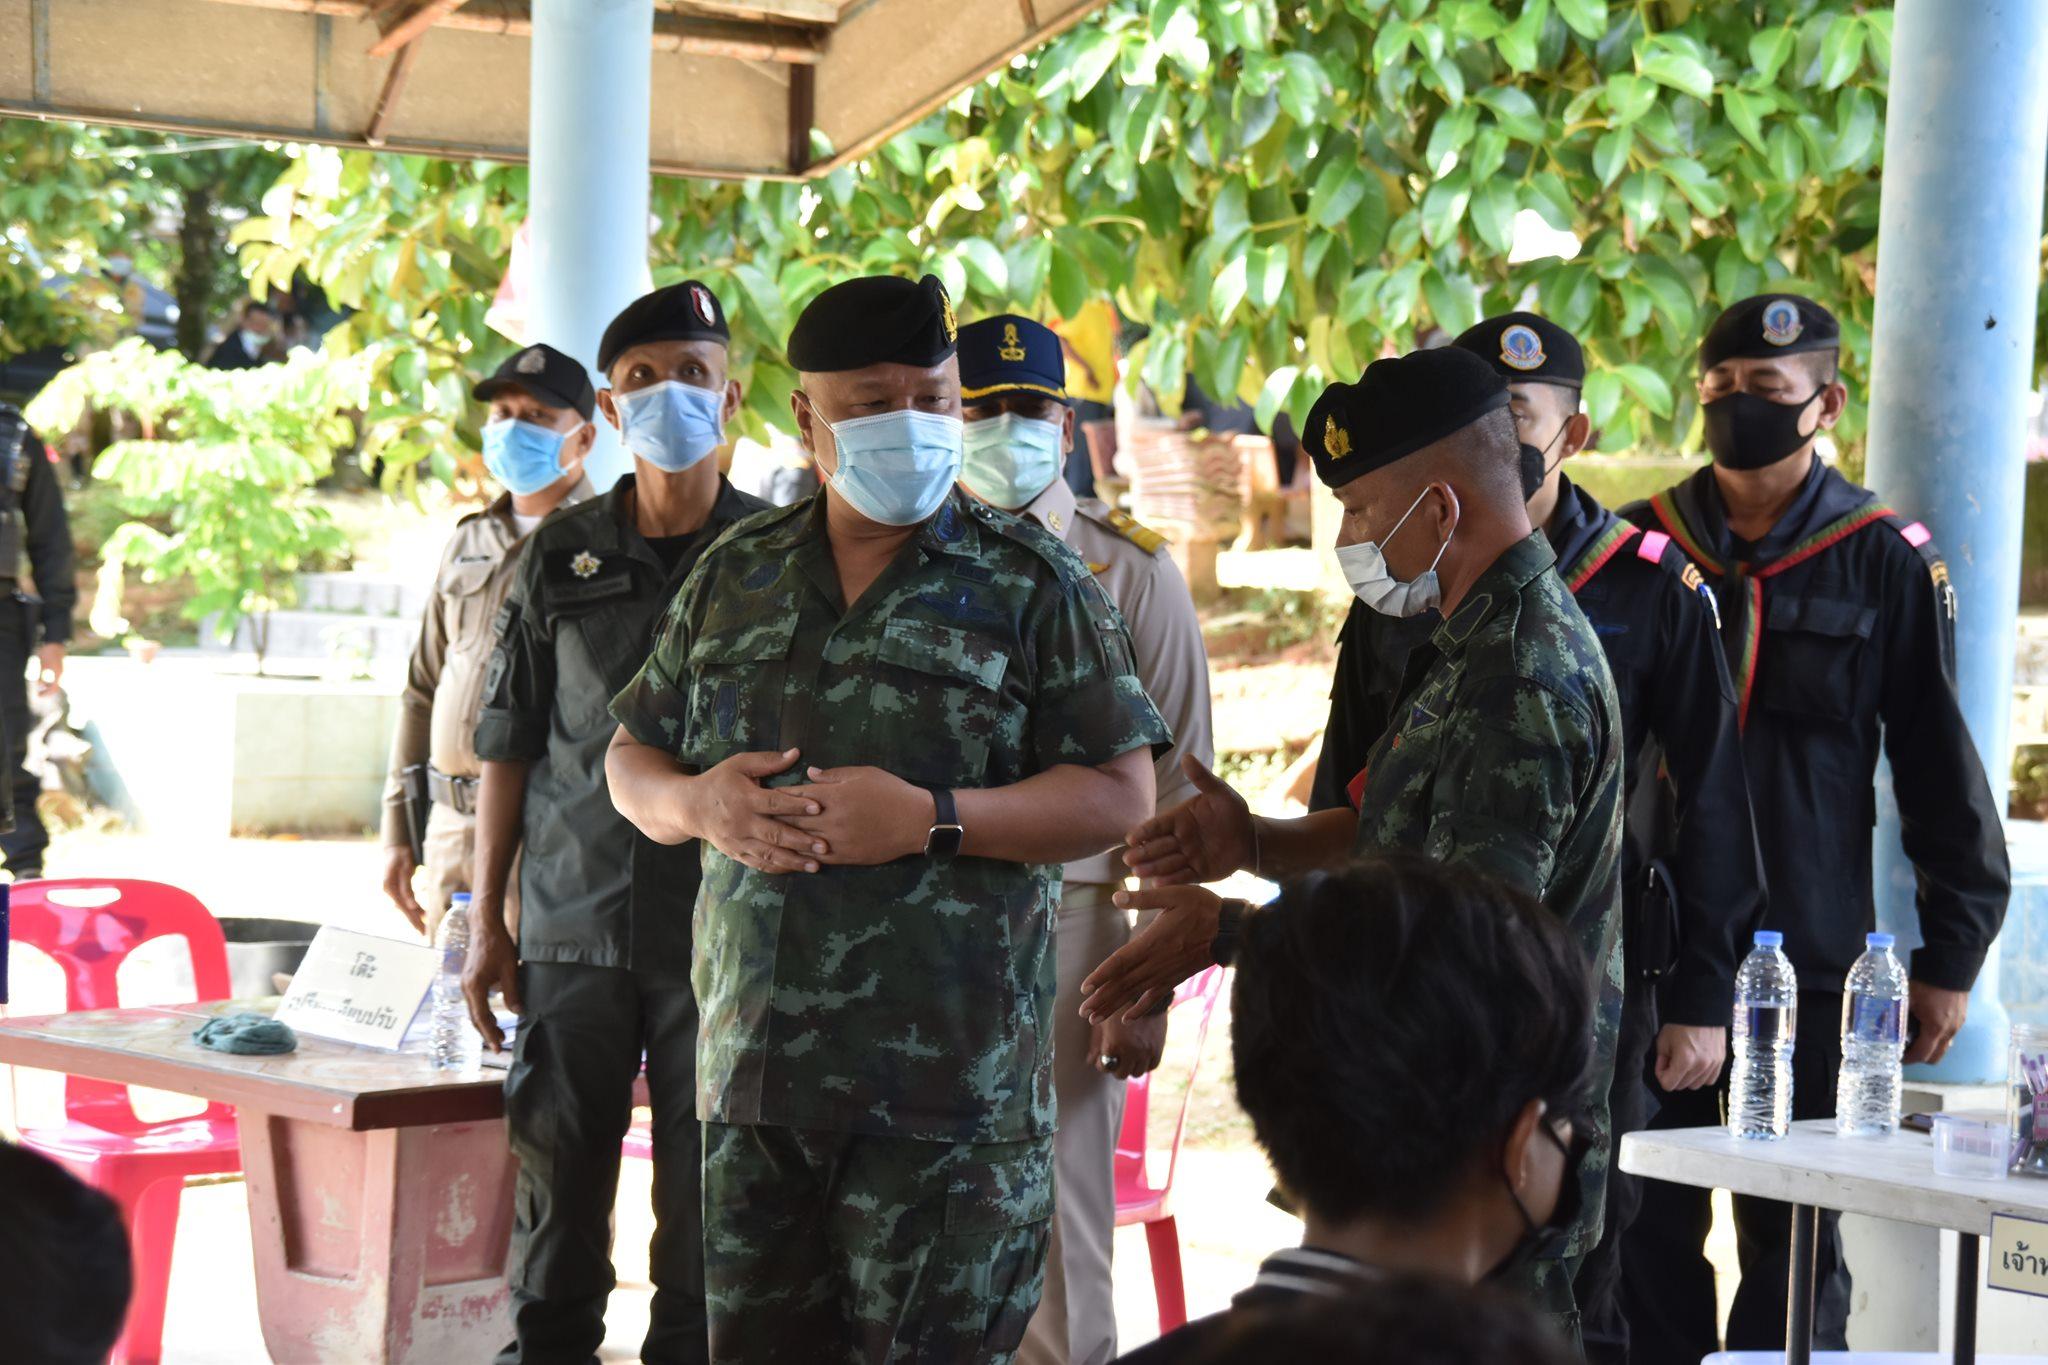 บรรยากาศตรวจคัดเลือกทหารวันแรก พื้นที่ จชต. มีชายไทยสมัครใจสมัครเข้าเป็นทหารเกินเป้าหมาย